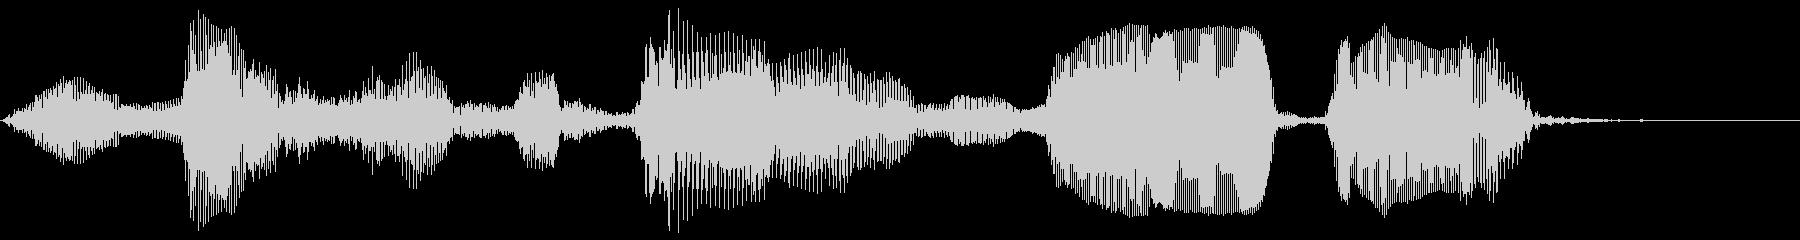 今すぐダウンロード (元気な声、早め)の未再生の波形